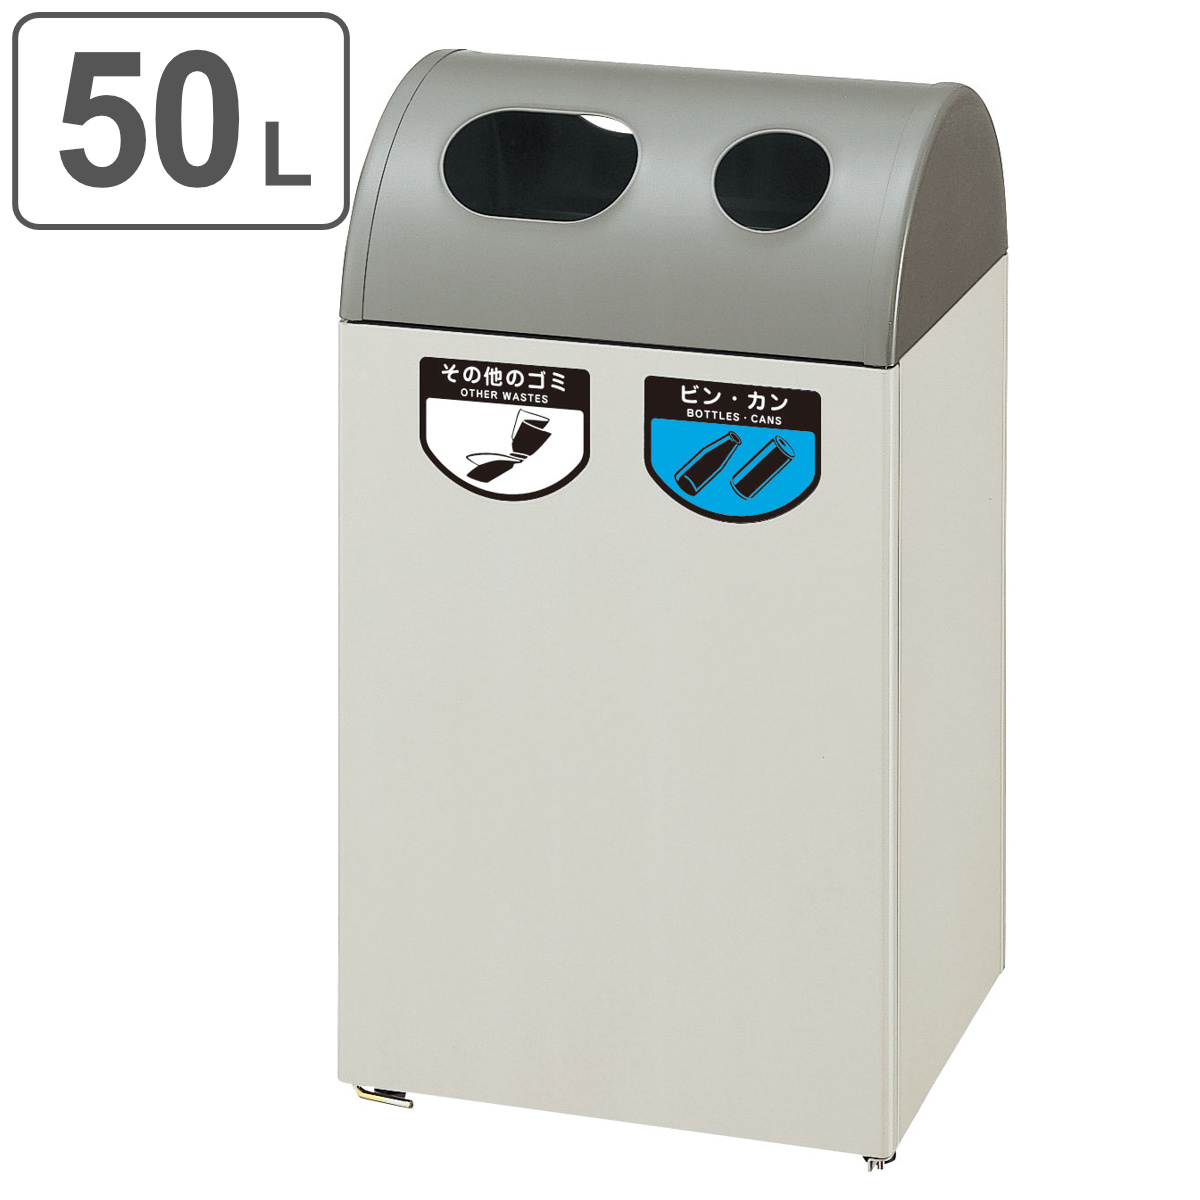 ゴミ箱 リサイクルボックス E-9 単体2分別 送料無料 【4500円以上送料無料】